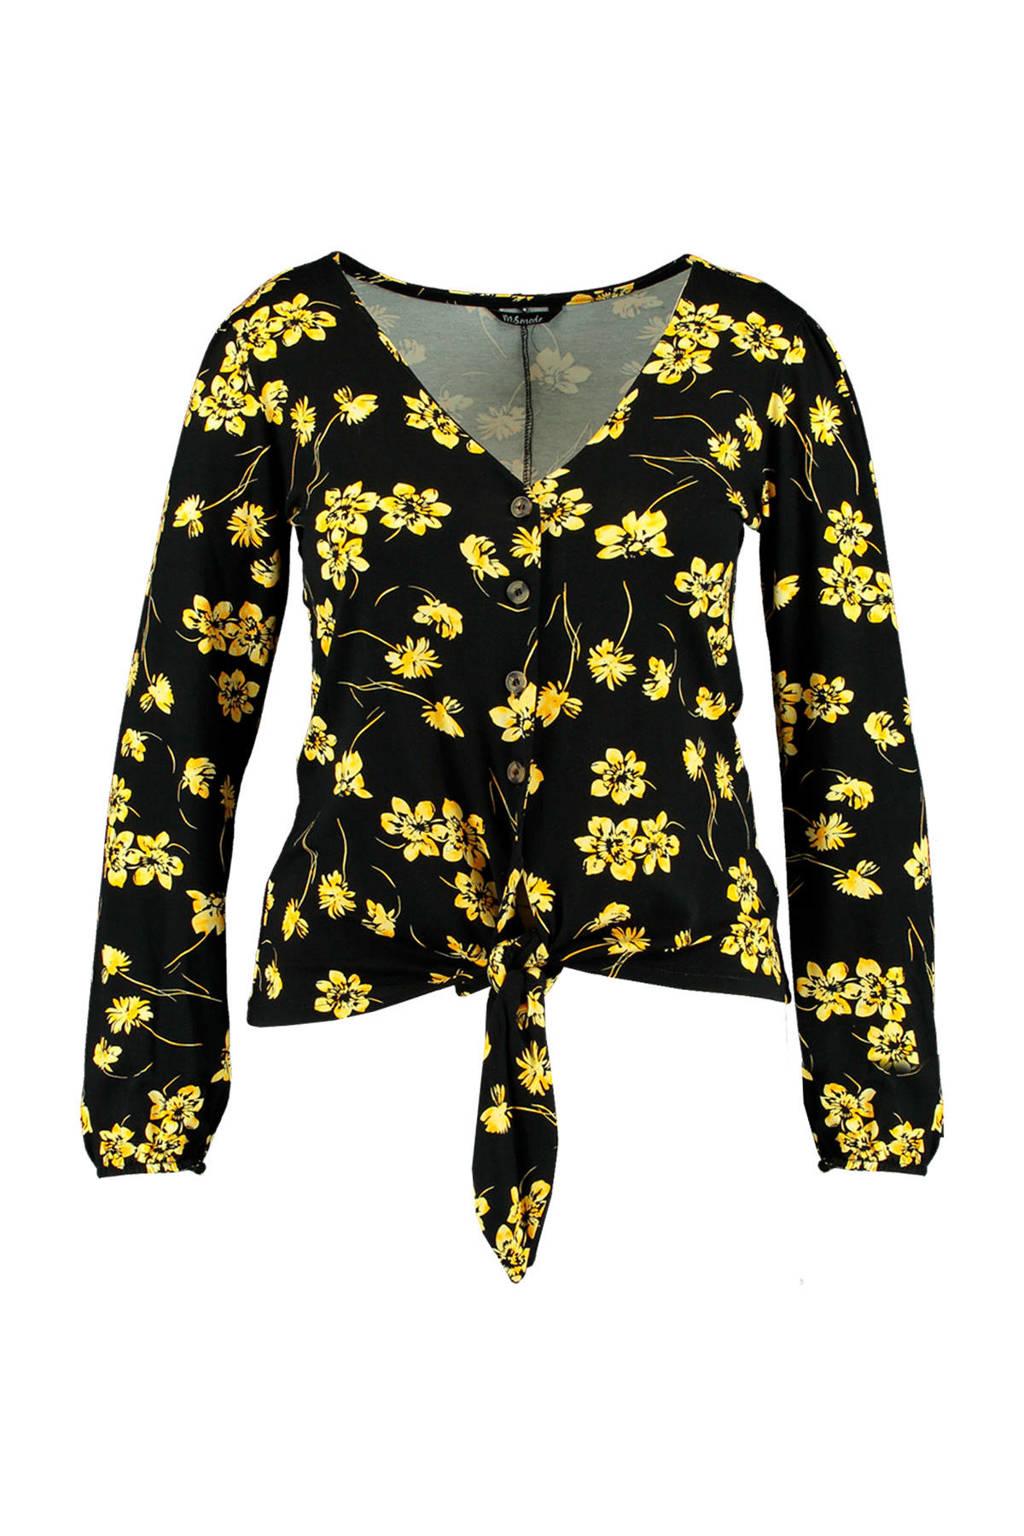 MS Mode gebloemde top zwart/geel, Zwart/geel